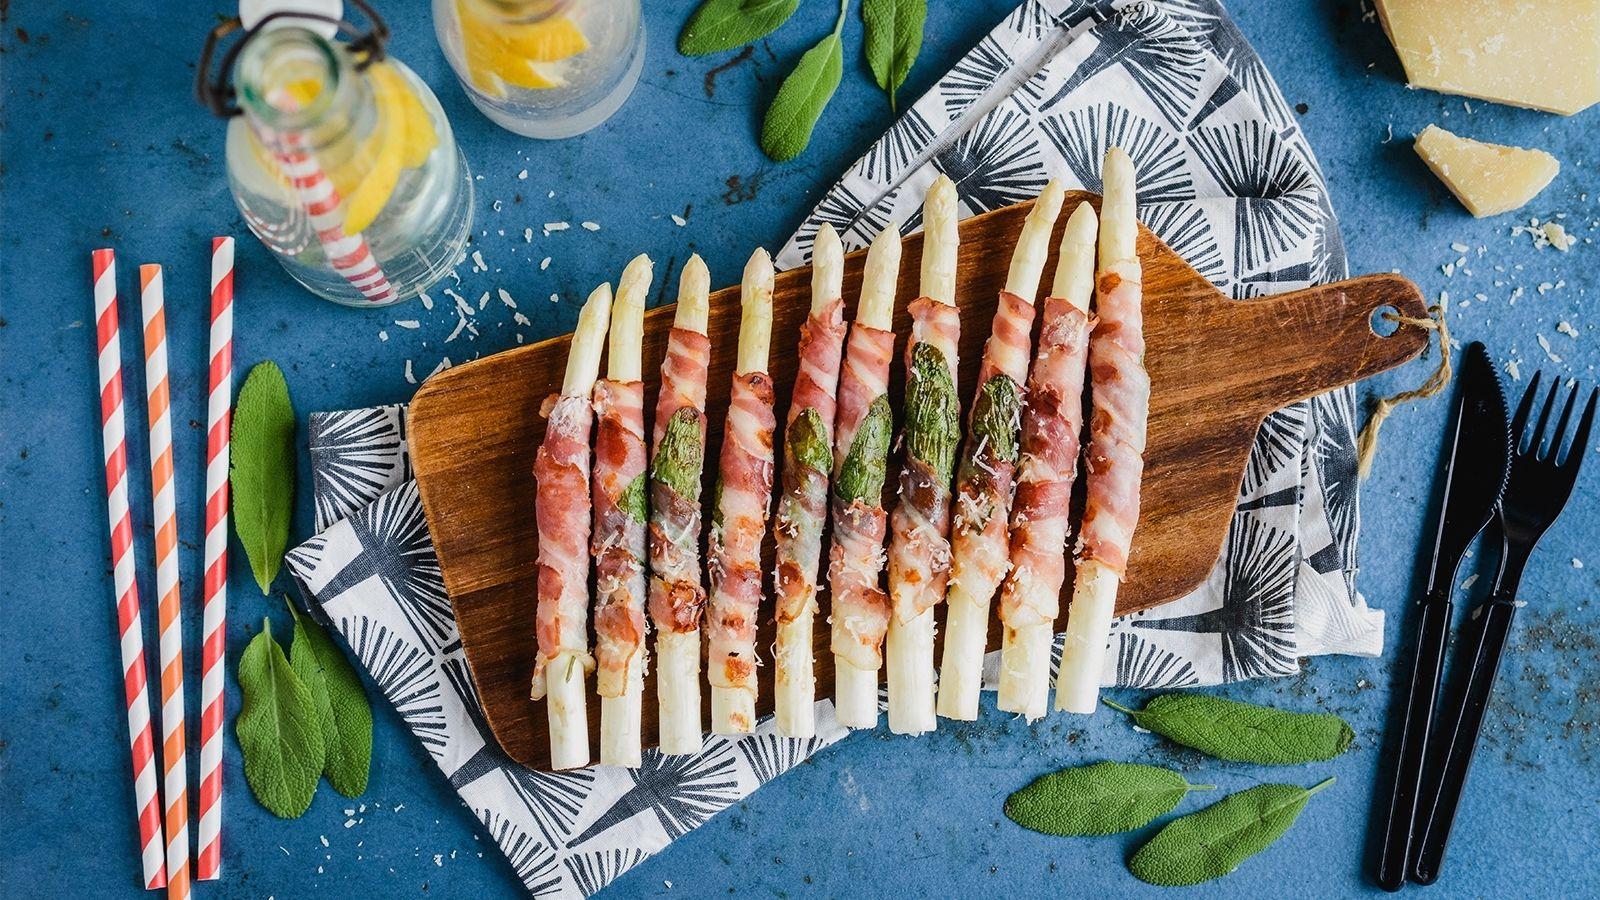 Szparagi grillowane w plastrach boczku